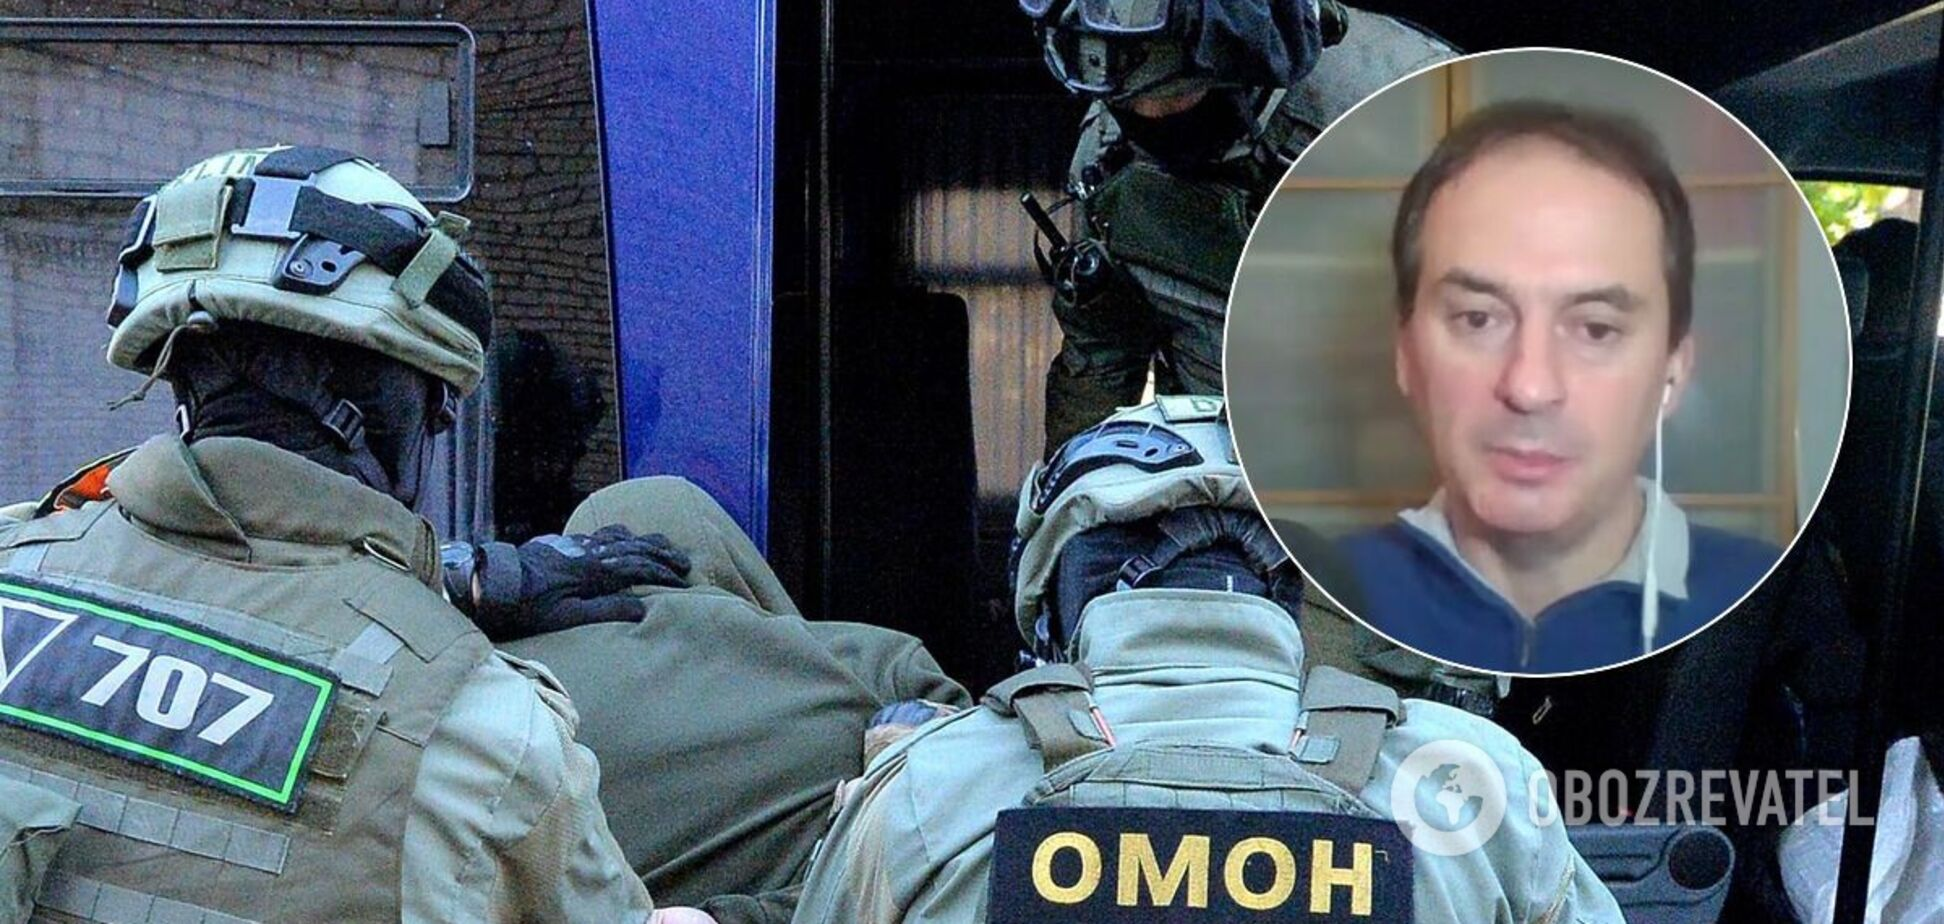 Грозев рассказал о провале операции по захвату 'вагнеровцев' в Беларуси